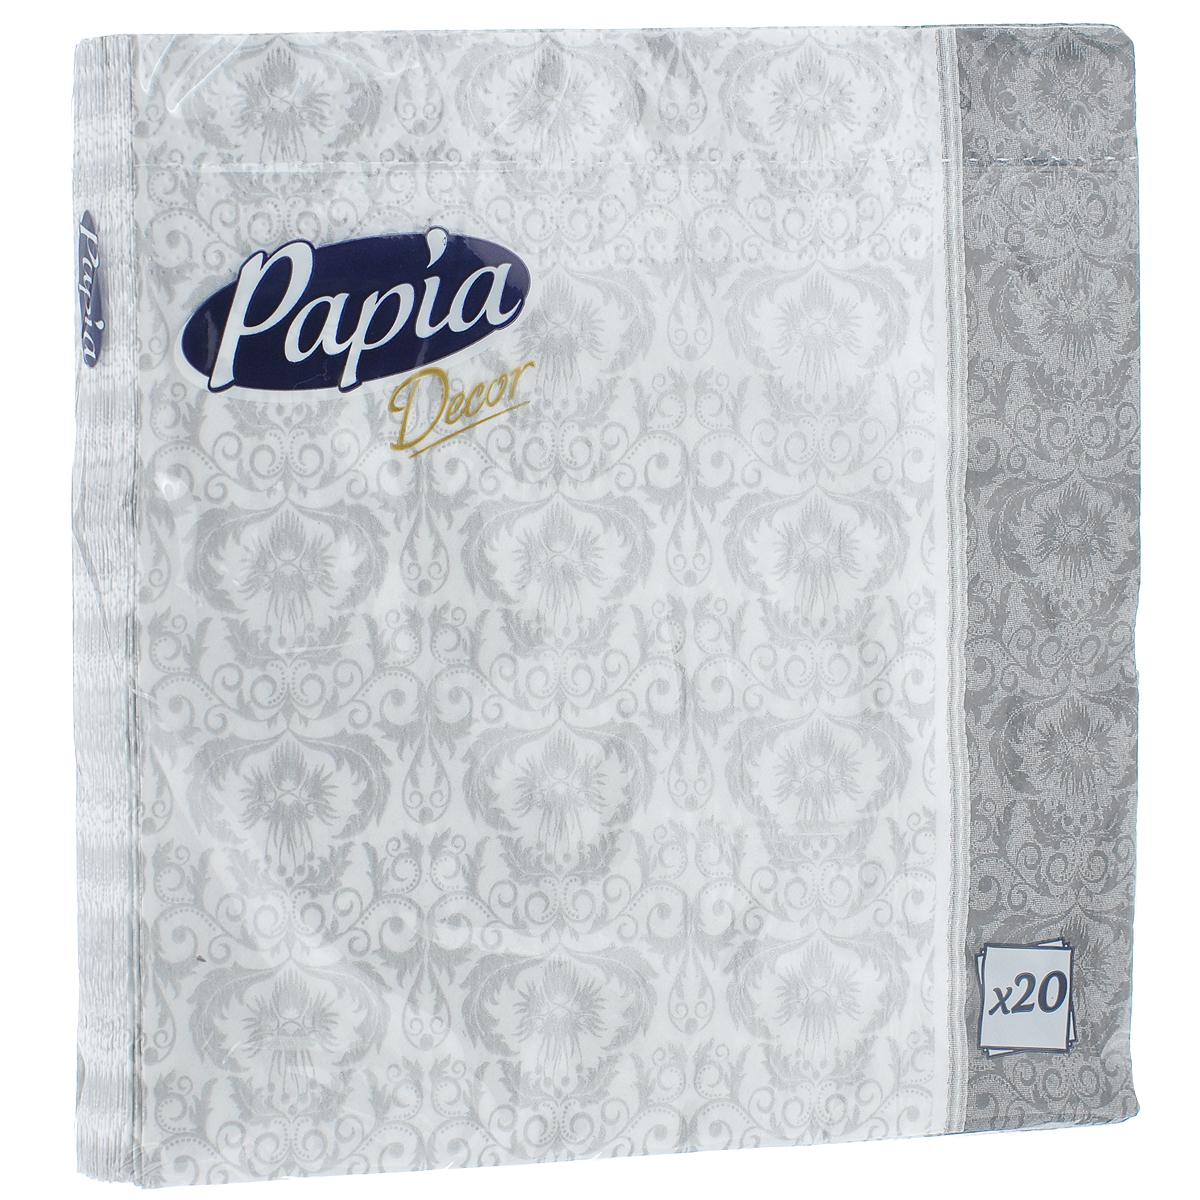 Салфетки бумажные Papia Decor, трехслойные, цвет: серый, белый, 33 x 33 см, 20 шт10503Трехслойные салфетки Papia Decor, выполненные из 100% целлюлозы, оформлены орнаментом. Салфетки предназначены для красивой сервировки стола. Оригинальный дизайн салфеток добавит изысканности вашему столу и поднимет настроение. Размер салфеток: 33 см х 33 см.